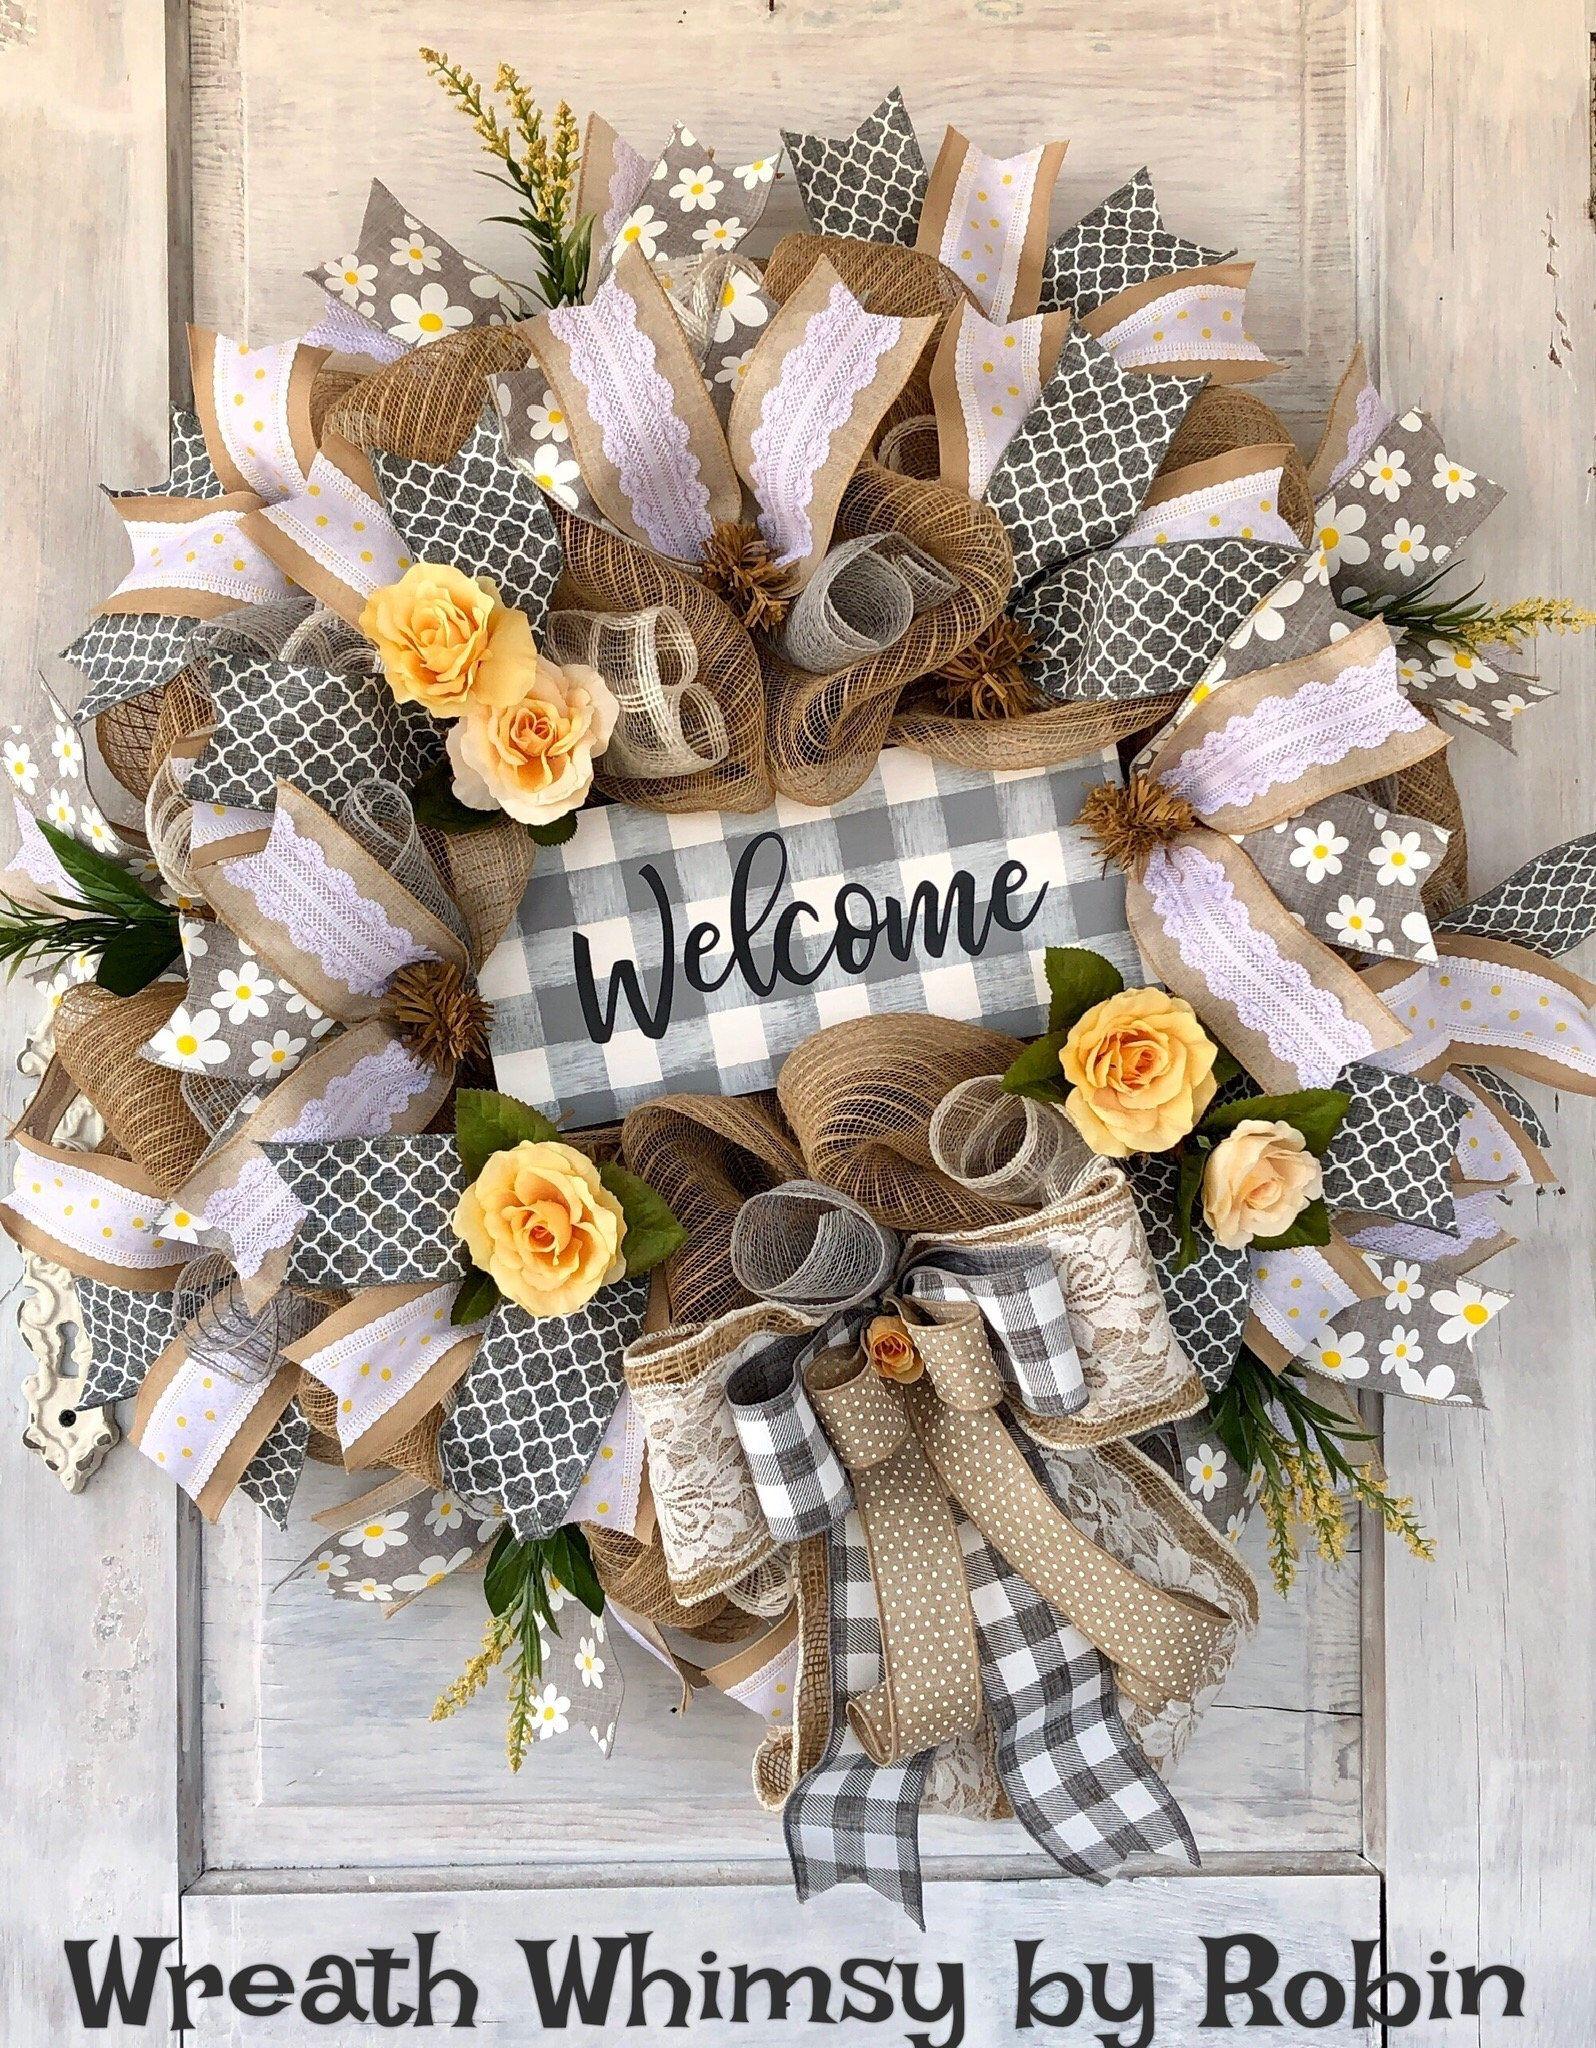 Everyday Wreath Burlap Mesh Wreath Door Wreath Welcome Burlap Mesh Wreath Yellow Wreath Spring Wreath